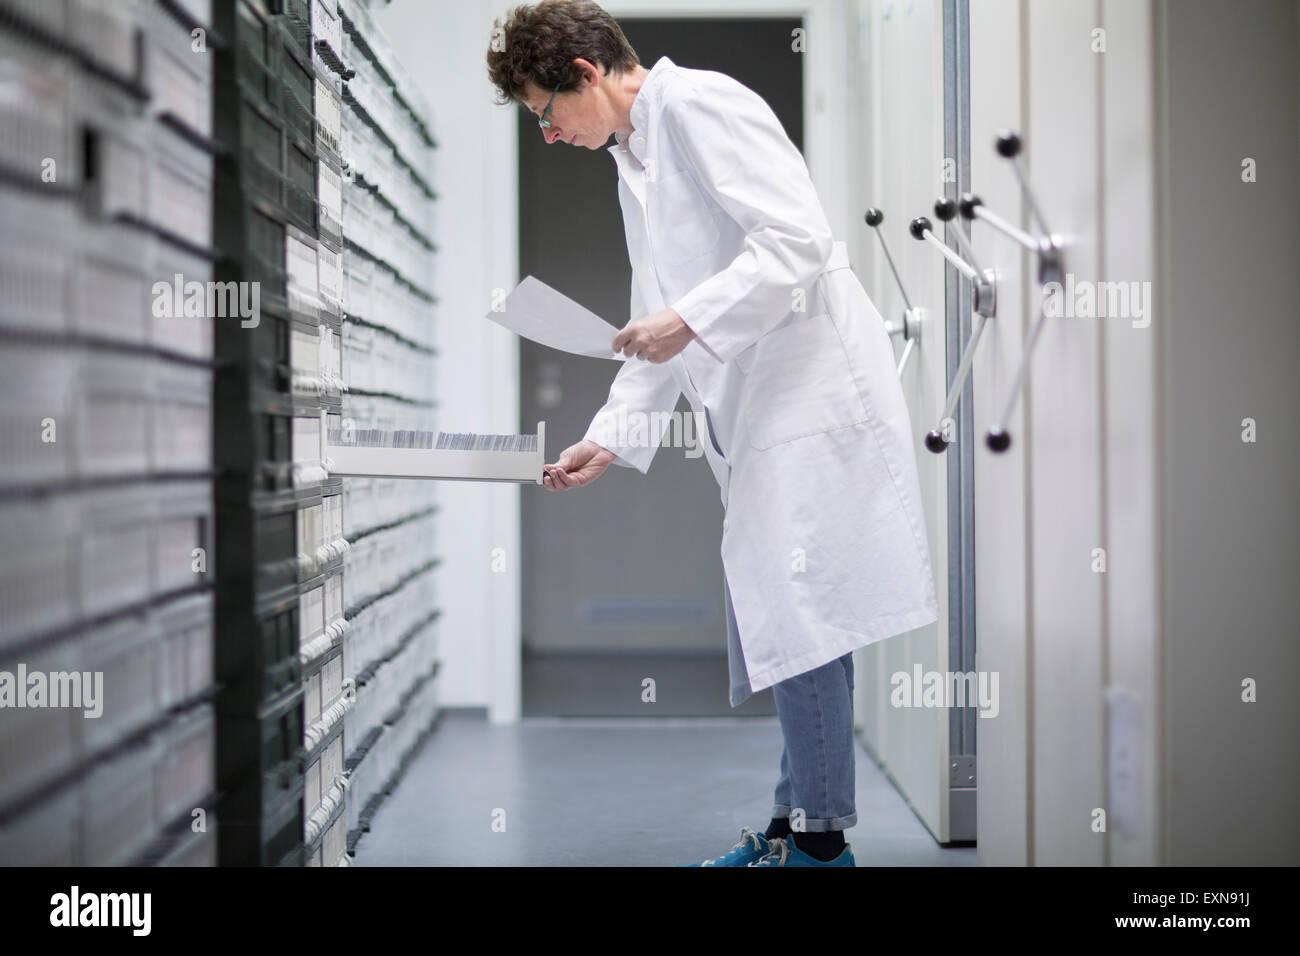 Assistente di laboratorio in archivio del campione di laboratorio clinico Immagini Stock